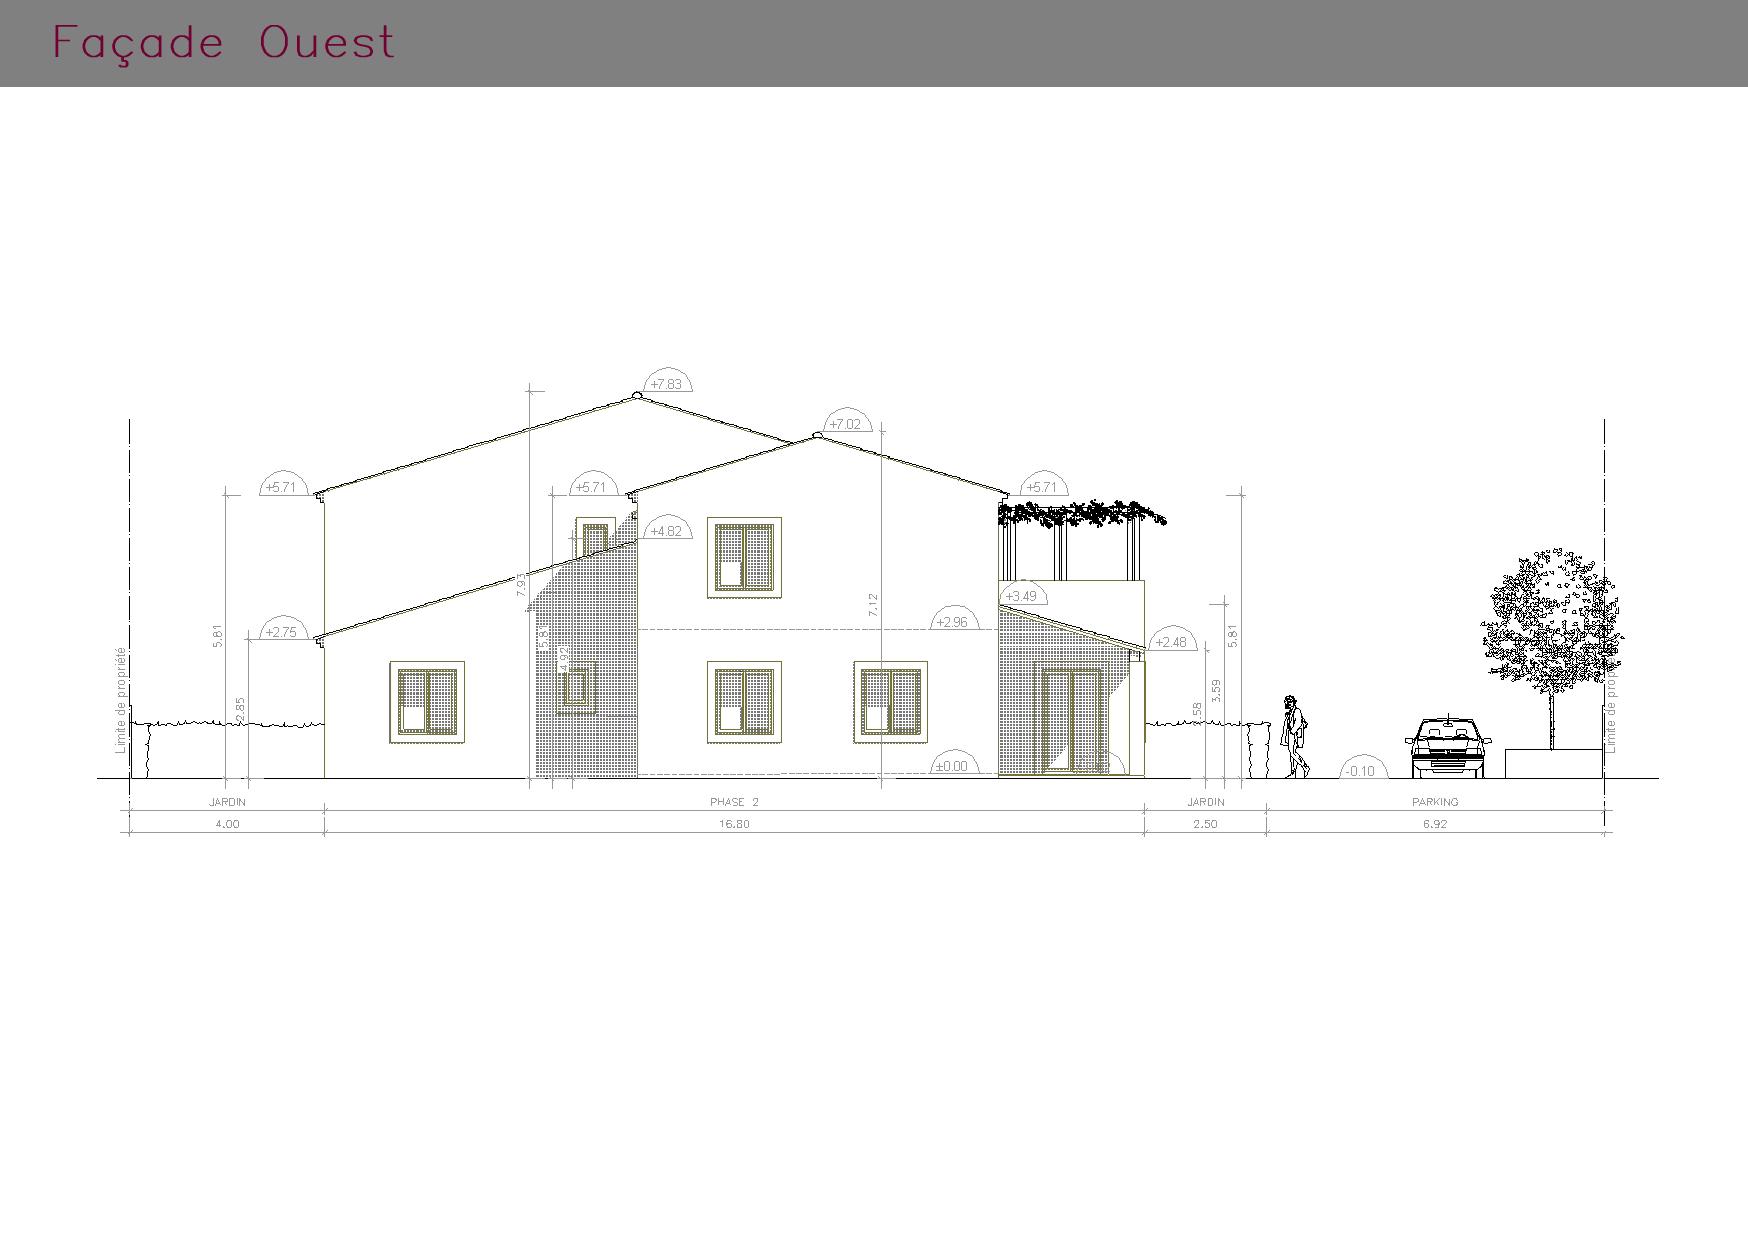 Plan de la façades OUEST de l'ensemble des habitations